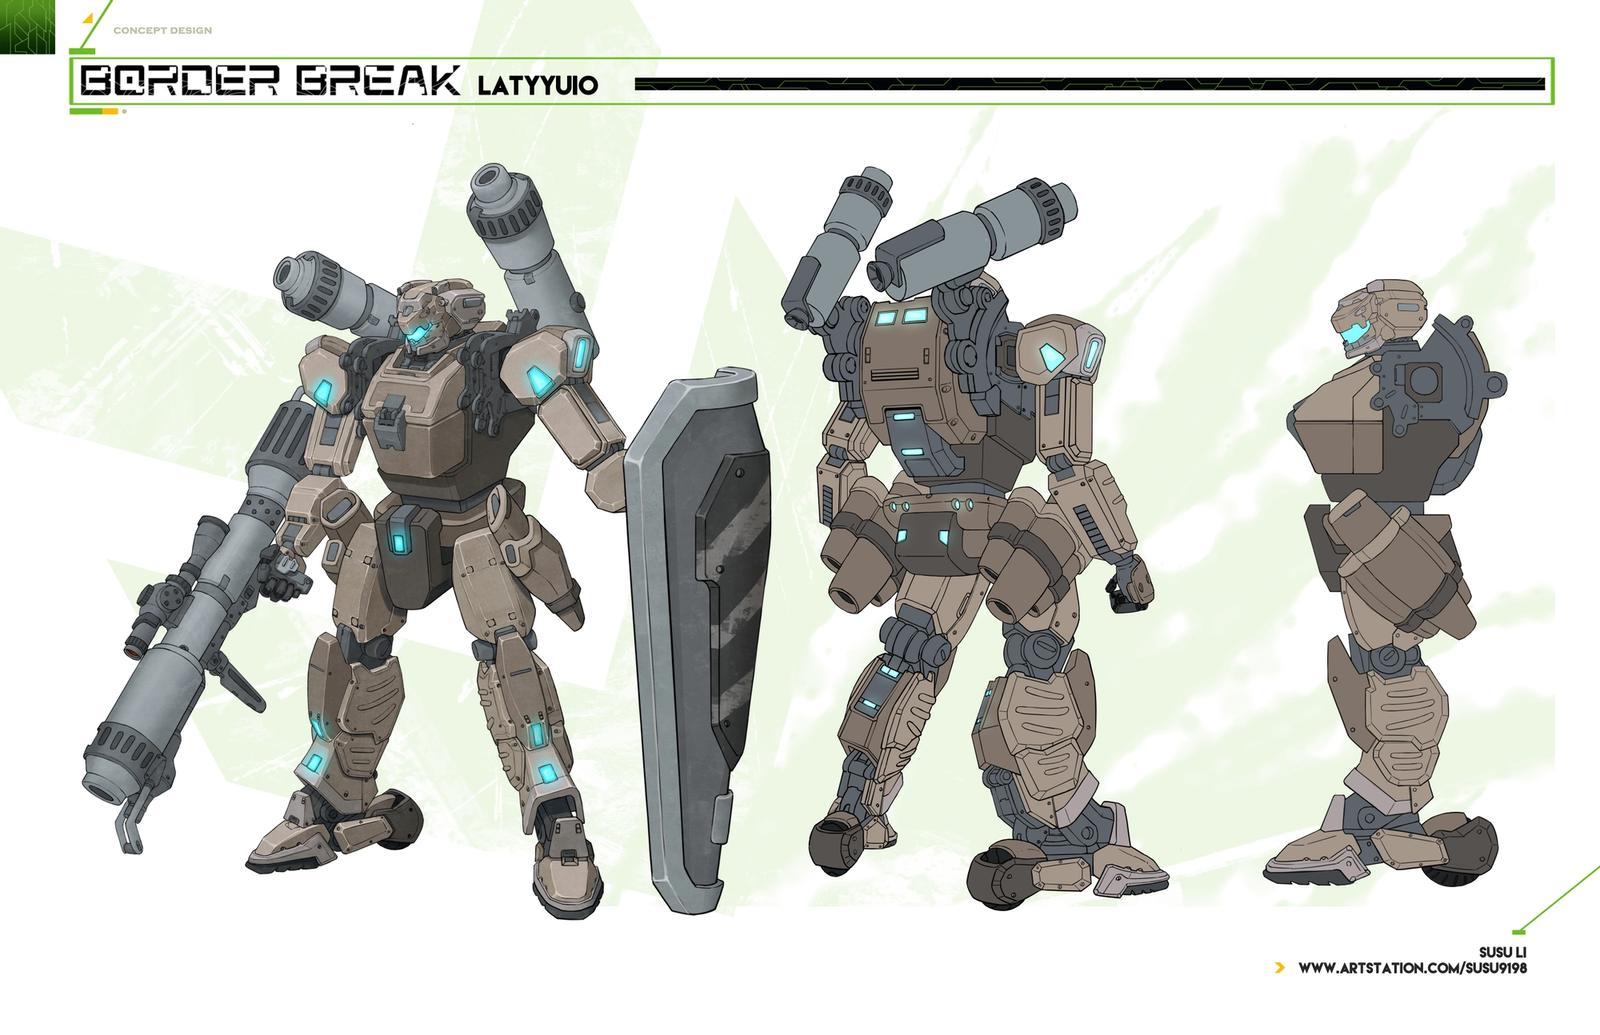 Latyyiuo - Boarder Break